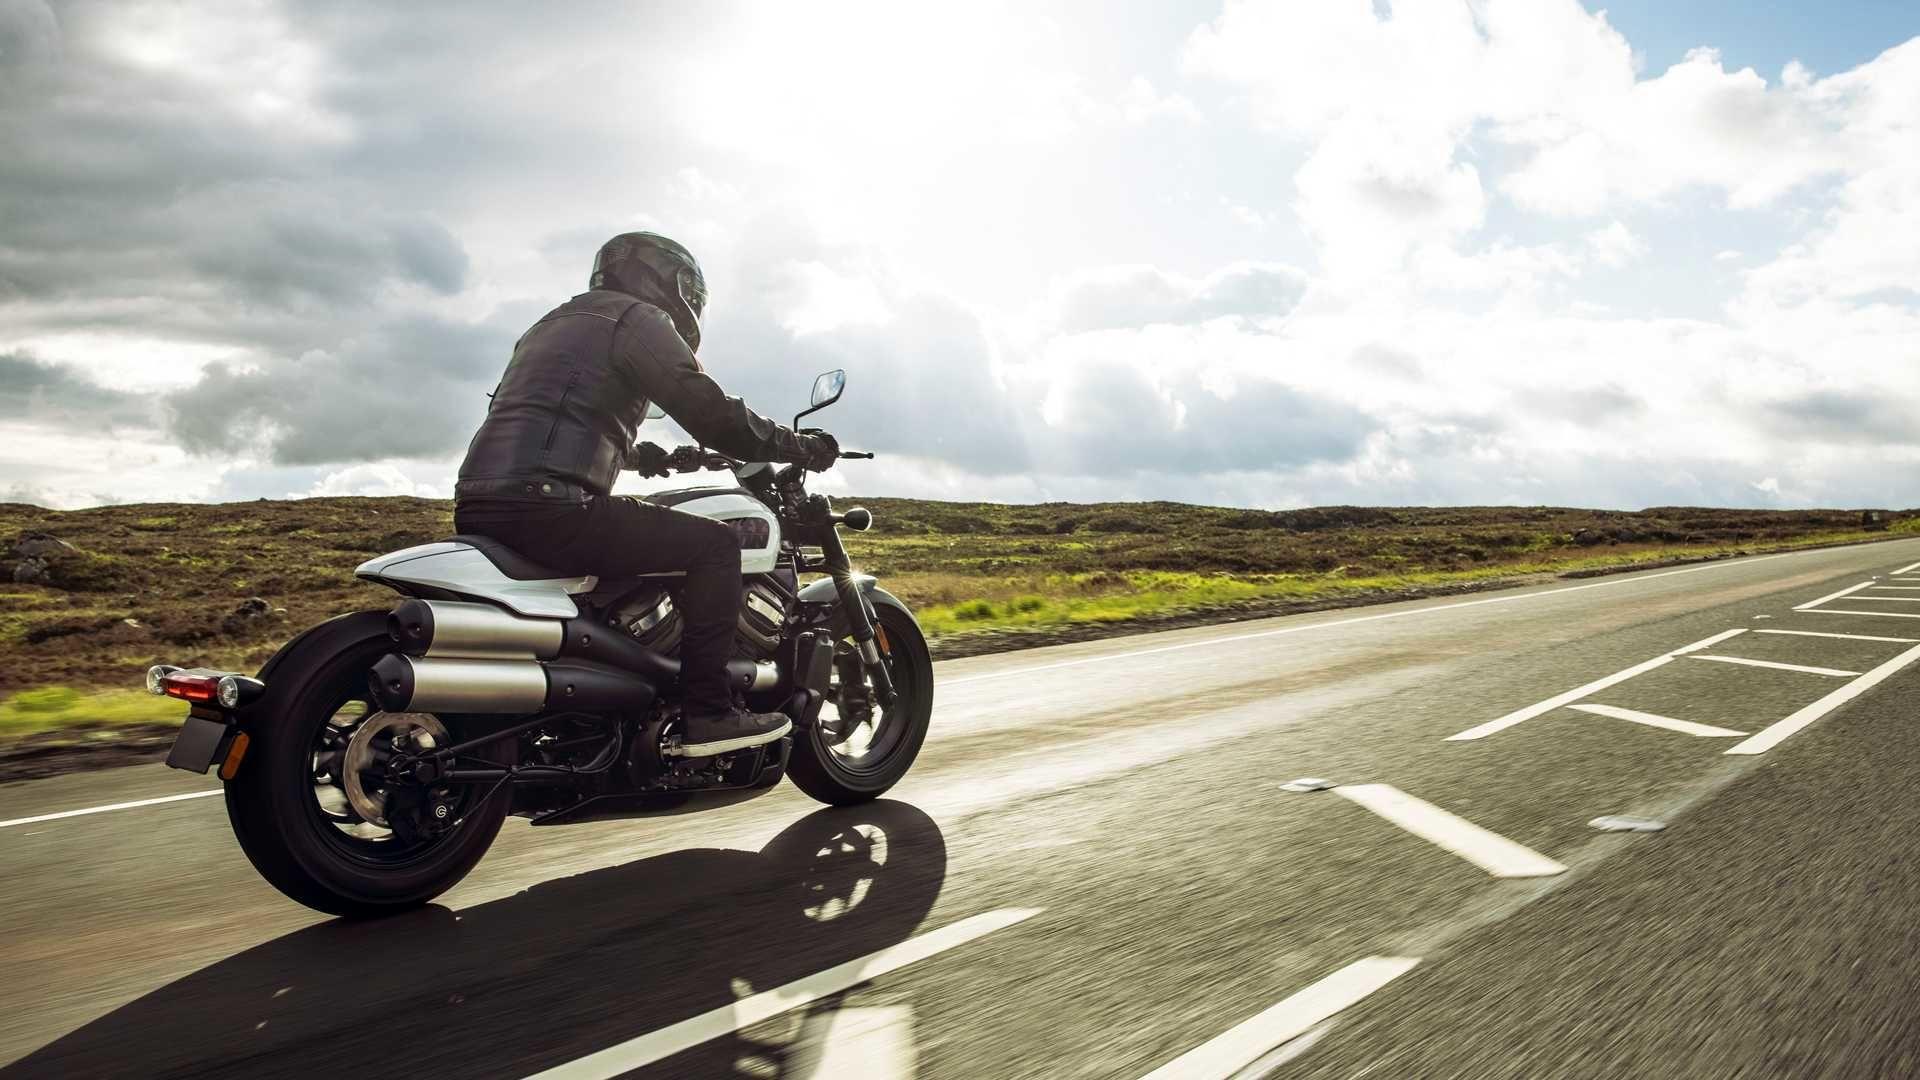 جدیدترین موتورسیکلت هارلی دیویدسون رونمایی شد